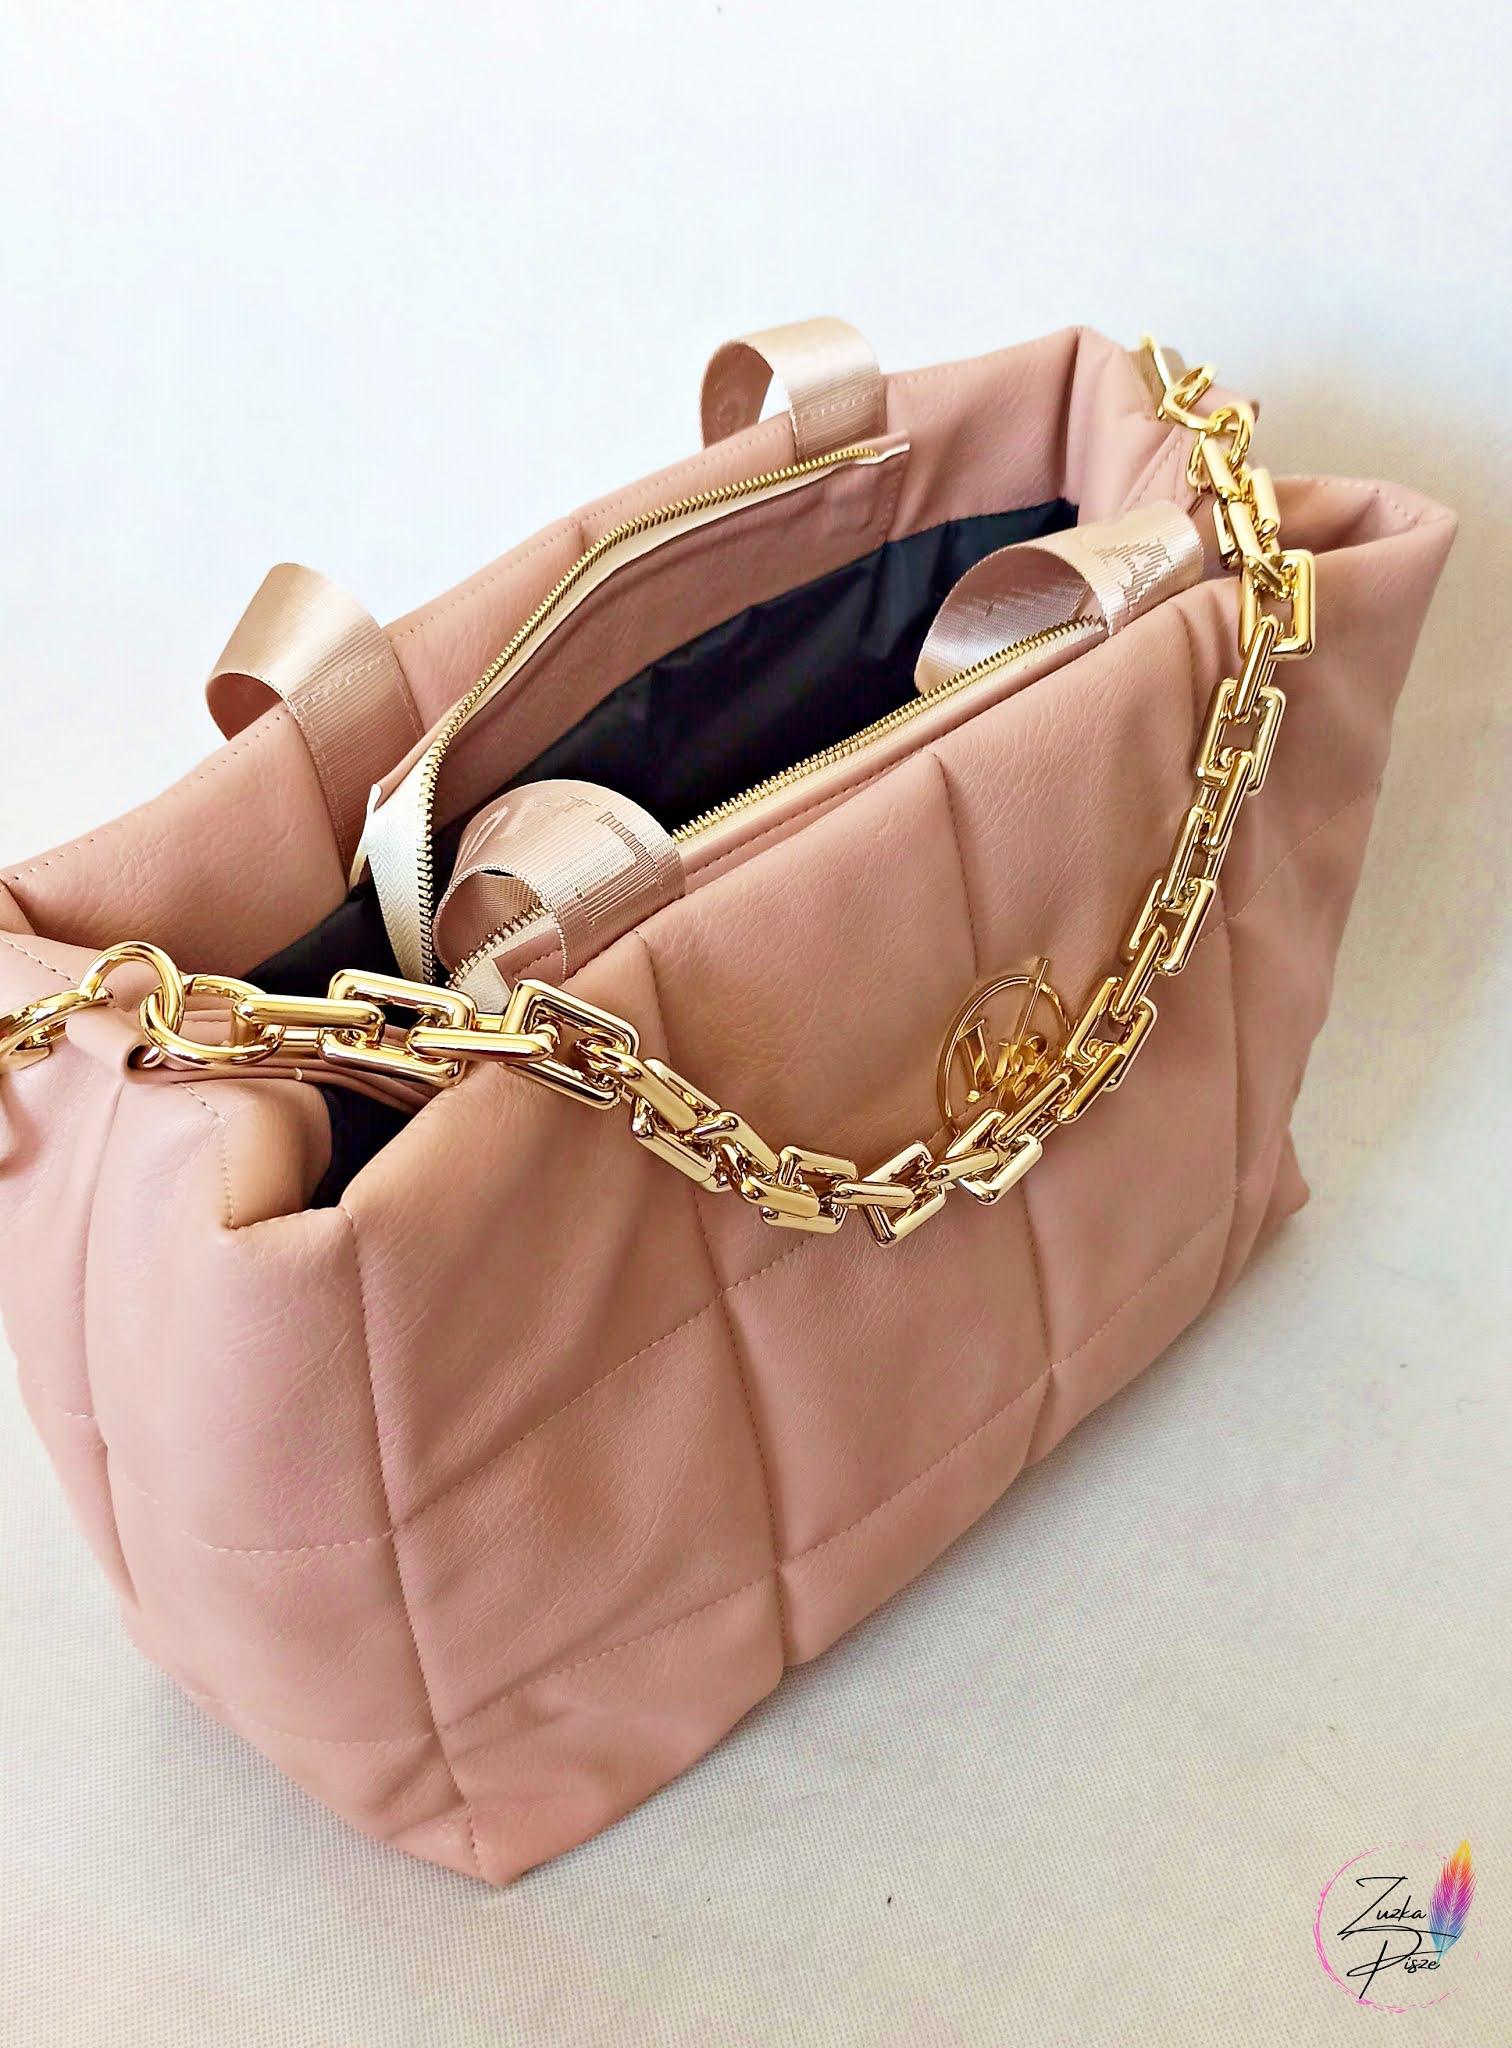 Laura Biaggi shopper bag - torebka shopperka ze sklepu Bonafora.pl + kod rabatowy